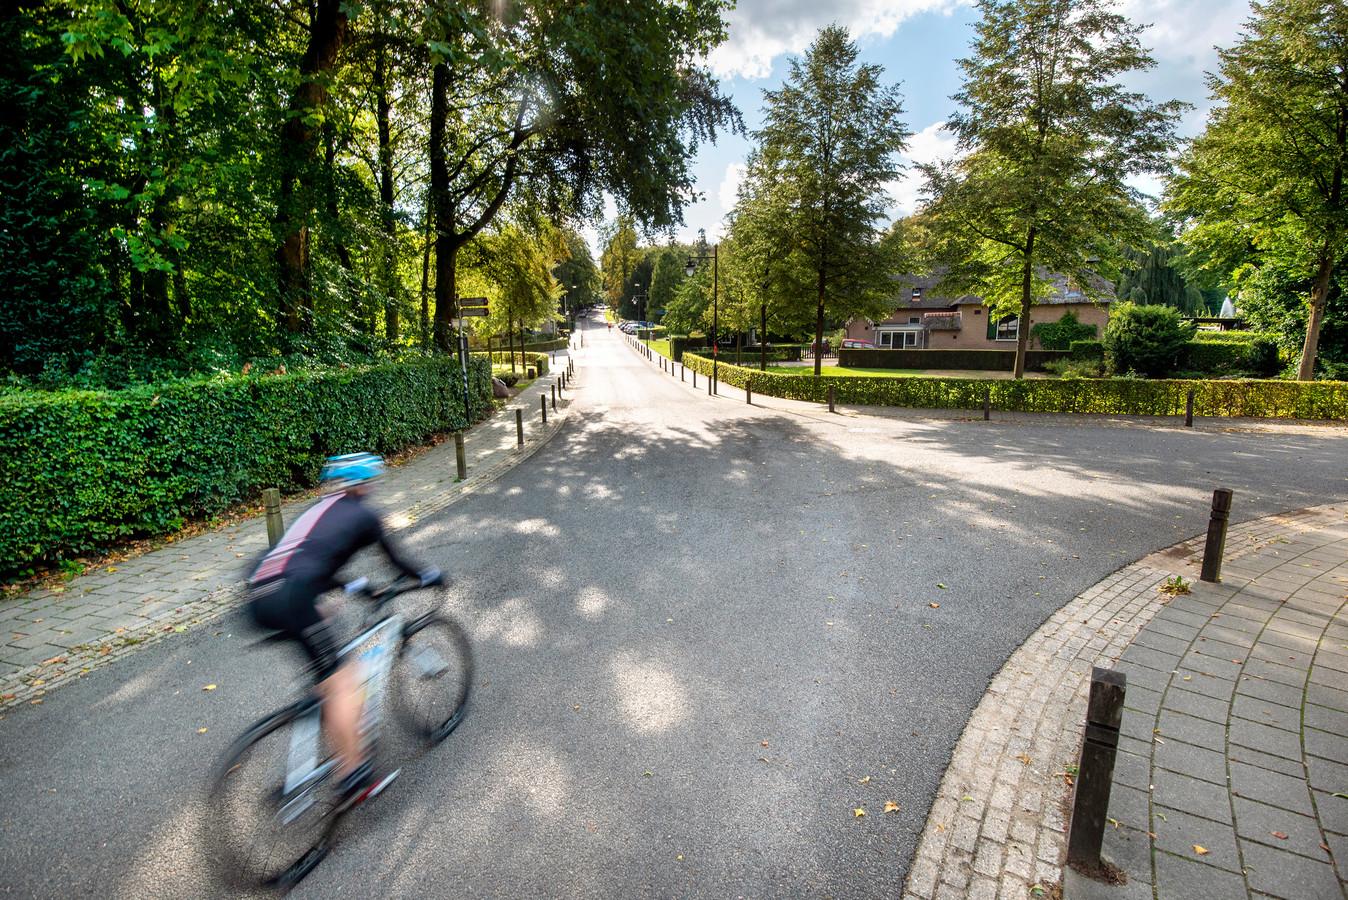 Wielrenners die met hoge snelheid de Beekhuizenseweg afdalen, veroorzaken in de bebouwde kom van Rozendaal nogal eens  gevaarlijkse situaties.